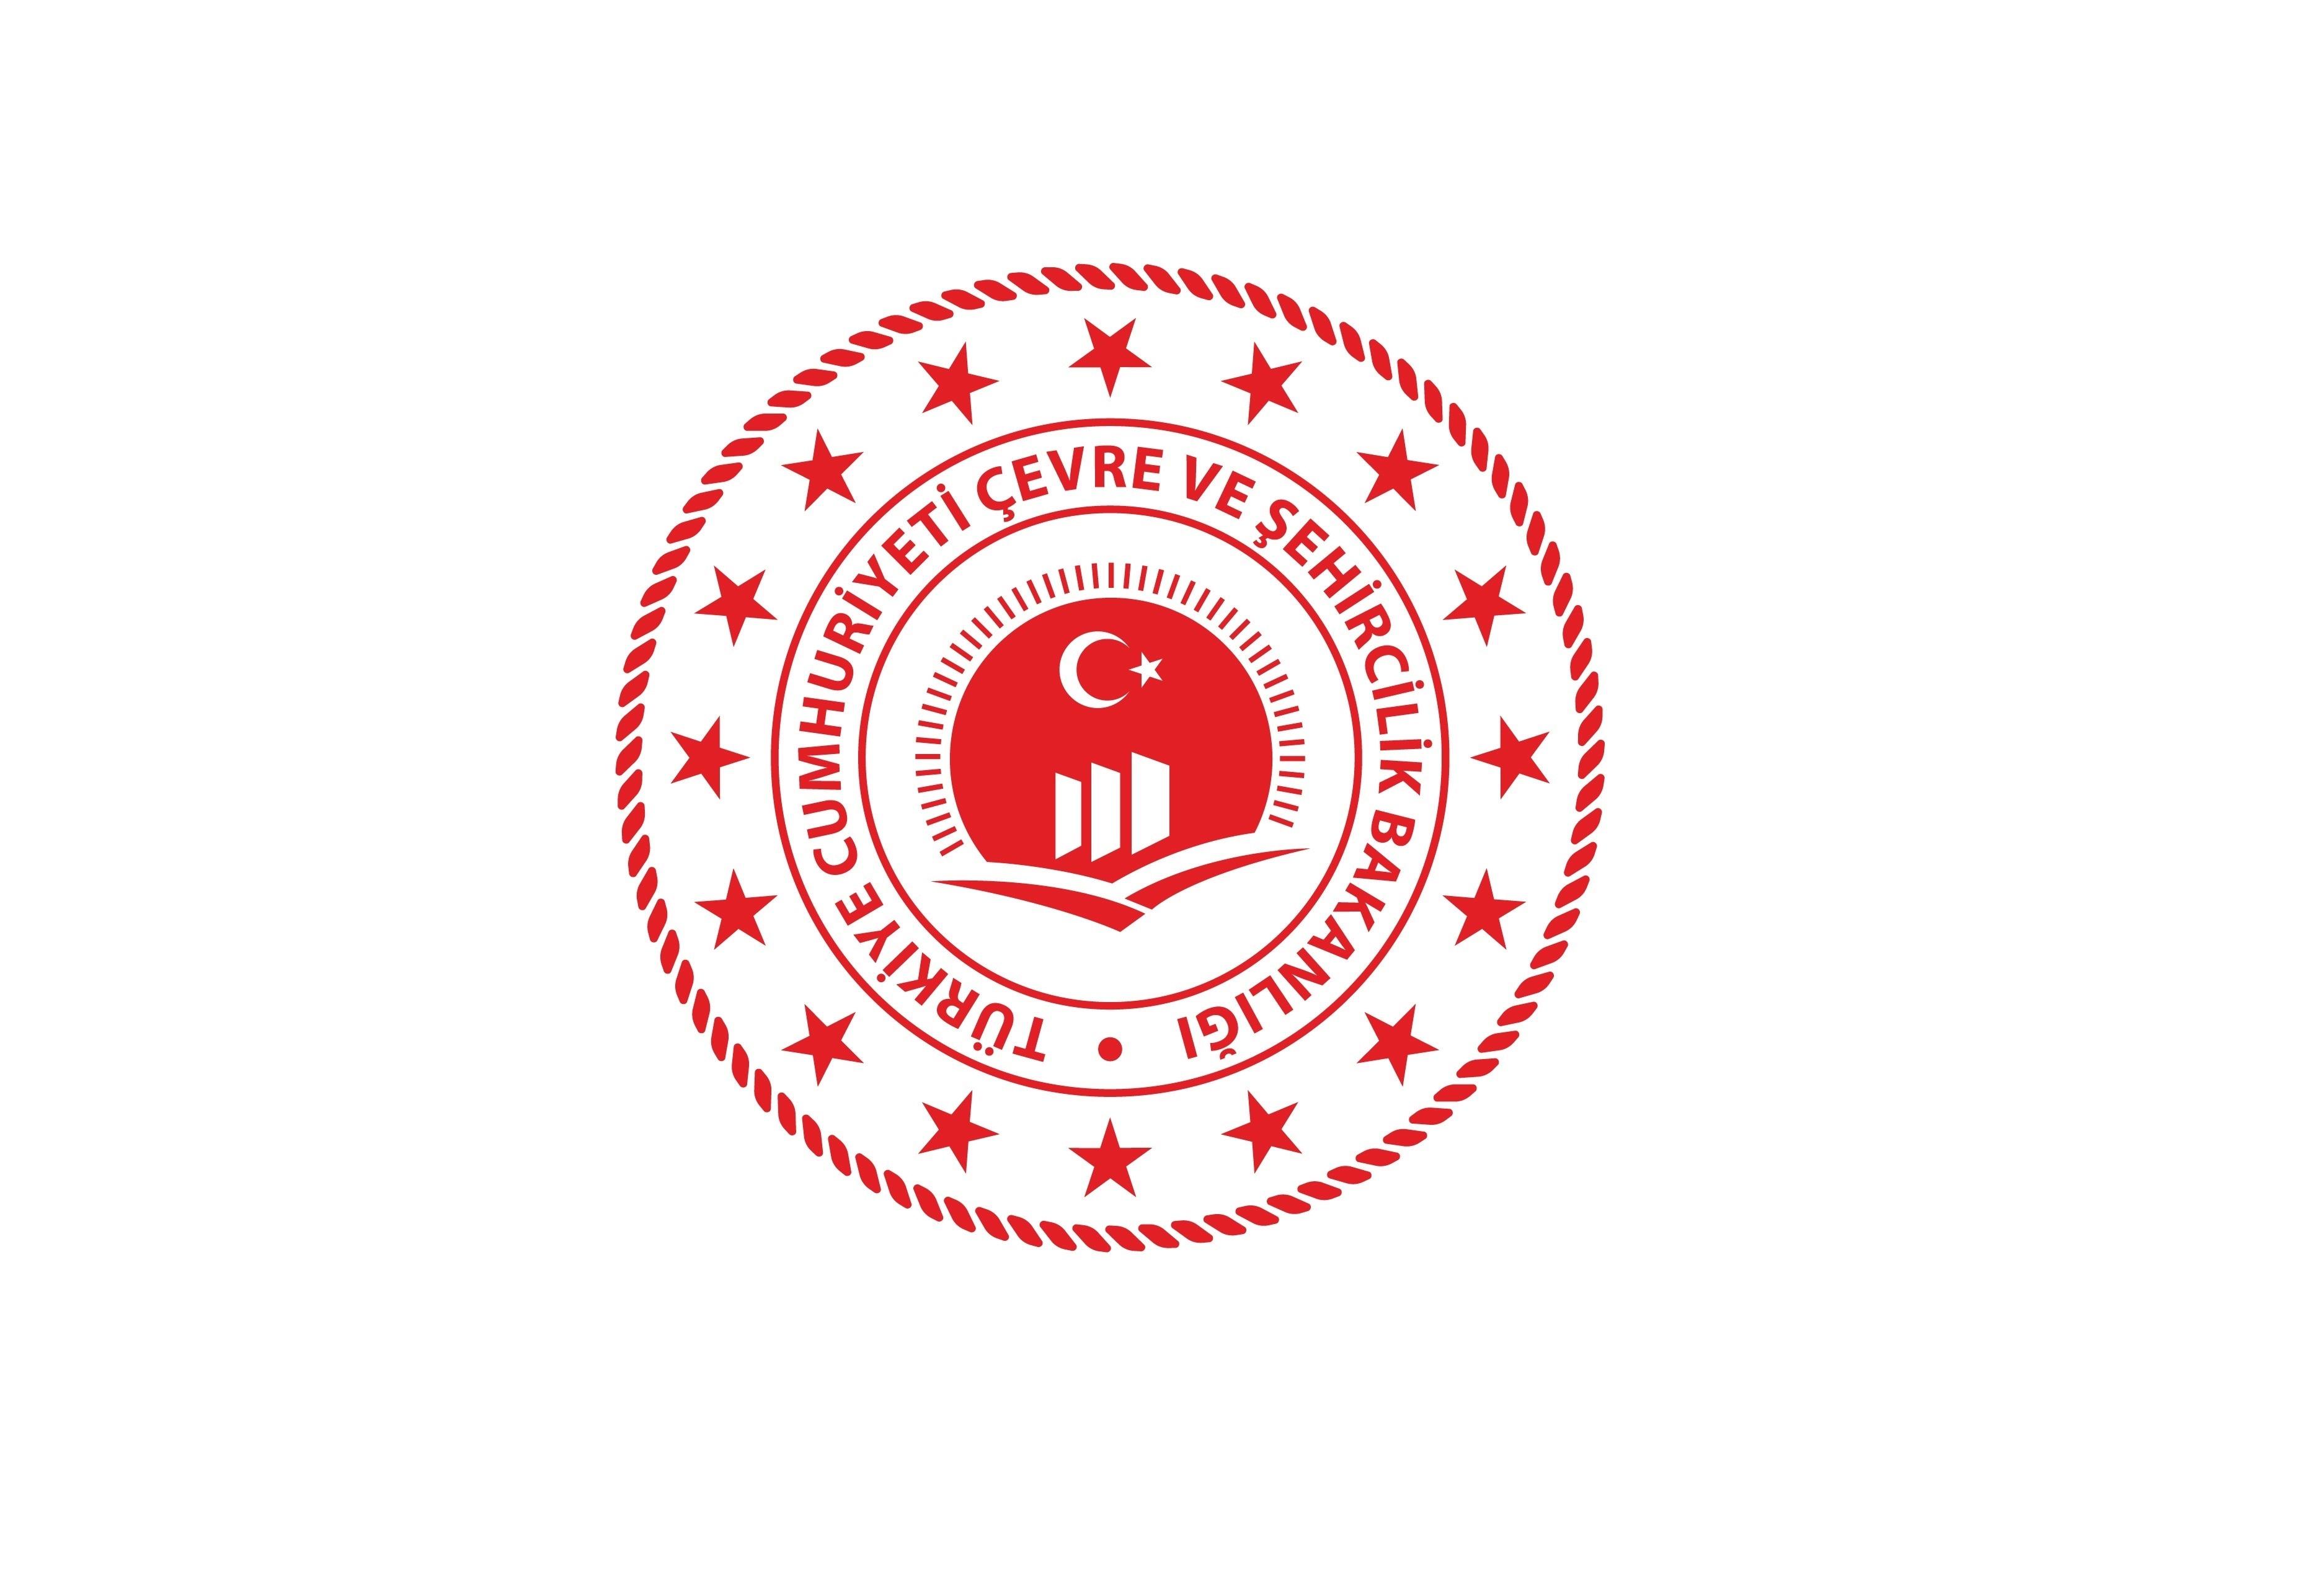 Çevre ve Şehircilik Bakanlığı Personelinin Atama  ve Yer  Değiştirme Yönetmeliğinde Değişiklik Yapılmasına Dair Yönetmelik